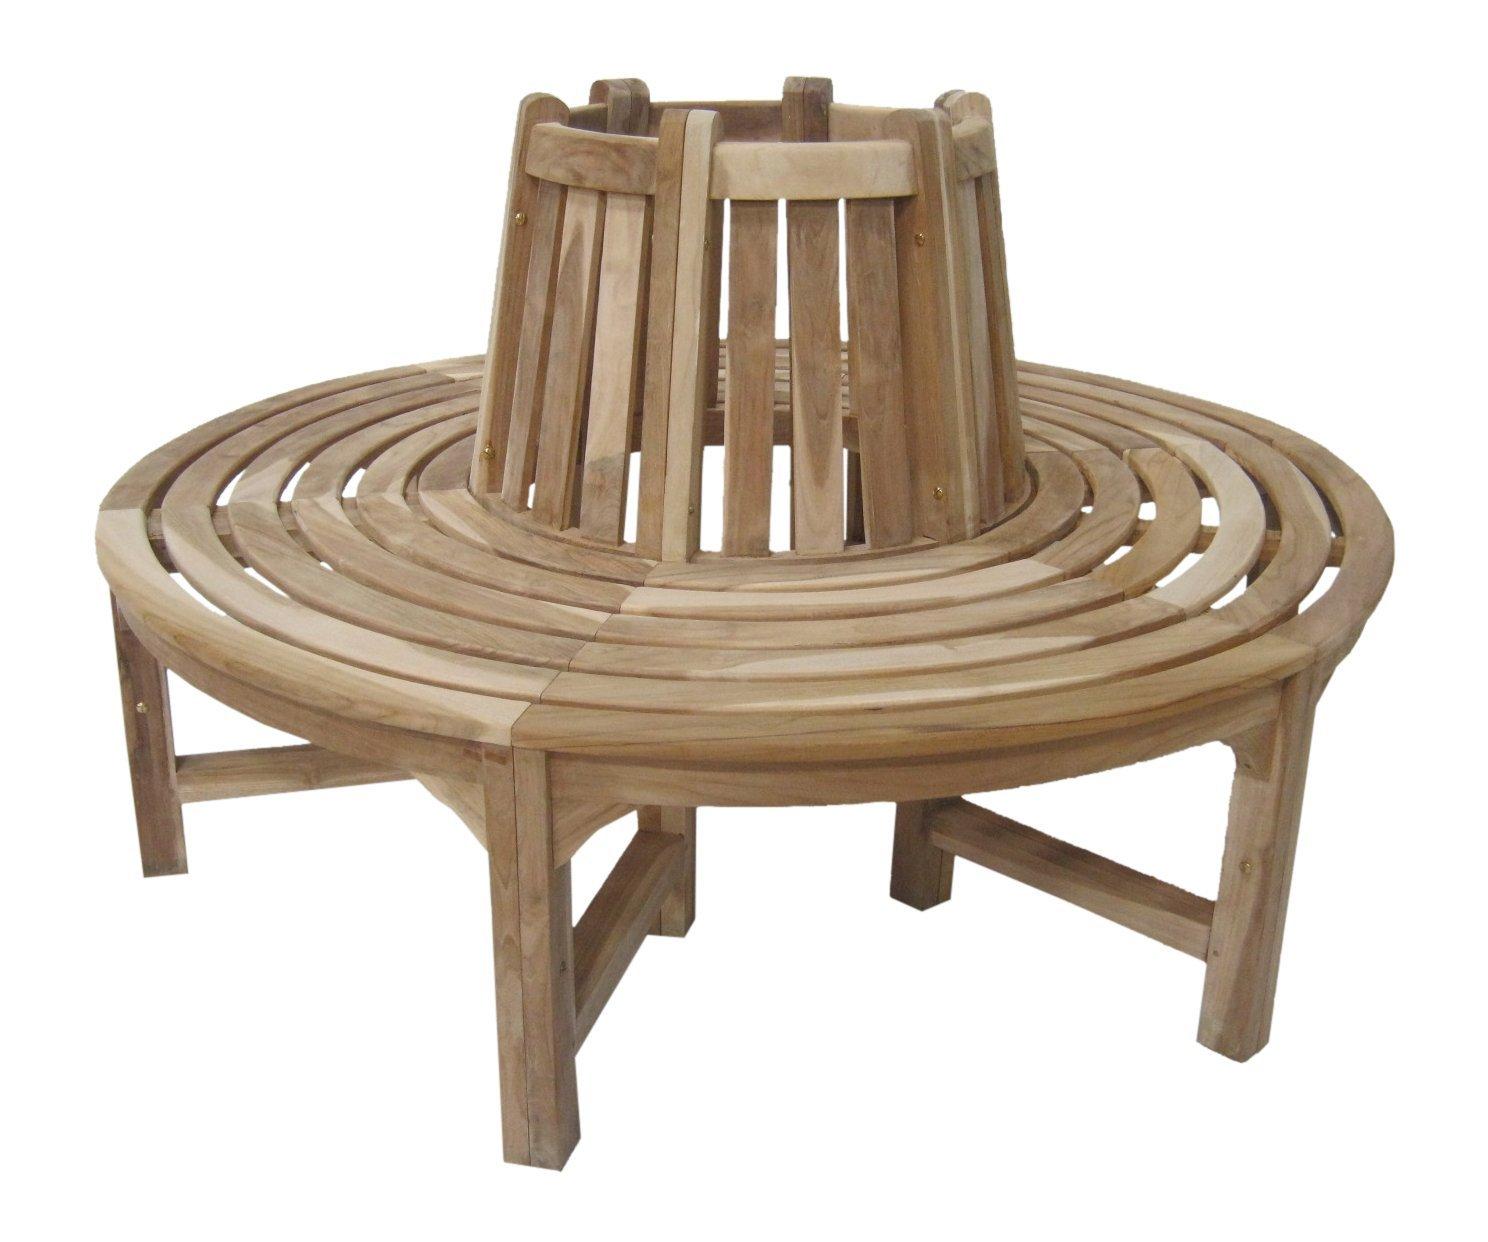 halbrund holz best holzzaun aus einfach schlicht und jahre lang ein hingucker with halbrund. Black Bedroom Furniture Sets. Home Design Ideas